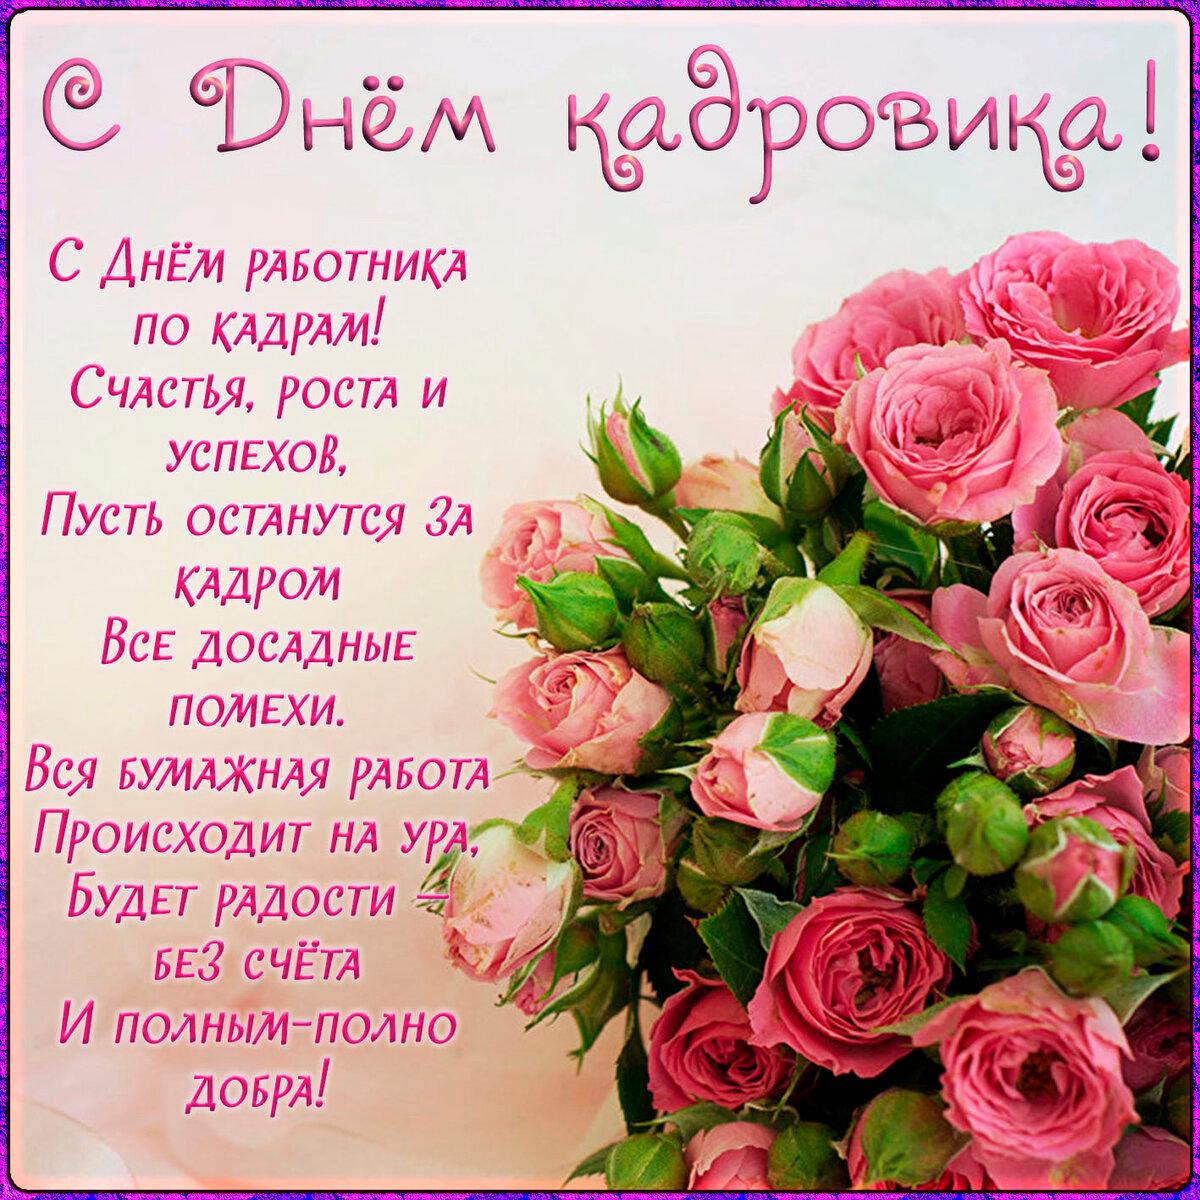 Поздравления кадровика в картинках, день матери